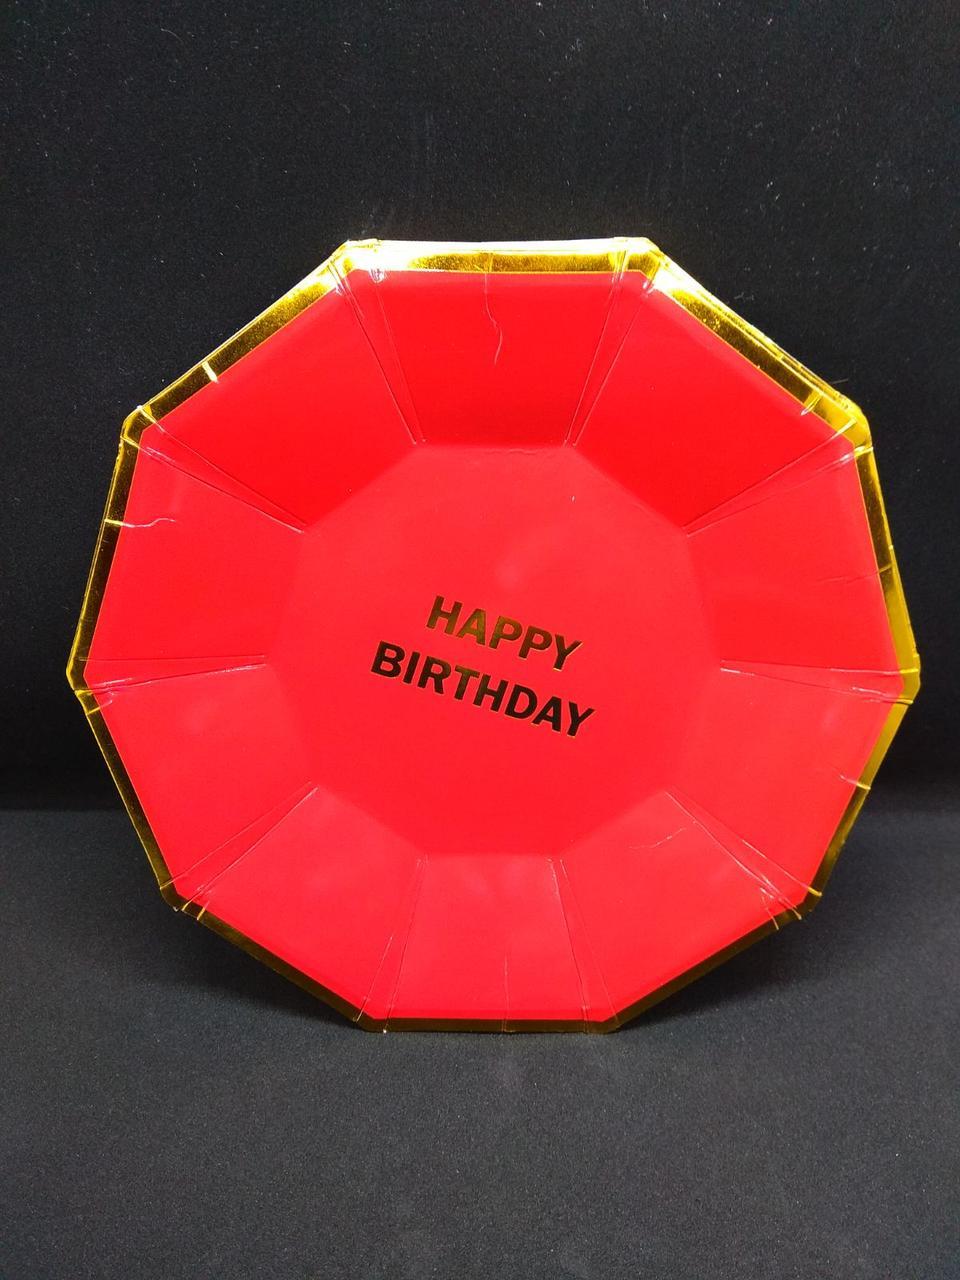 Тарілки дитячі одноразові червоні з золотою облямівкою 10 шт